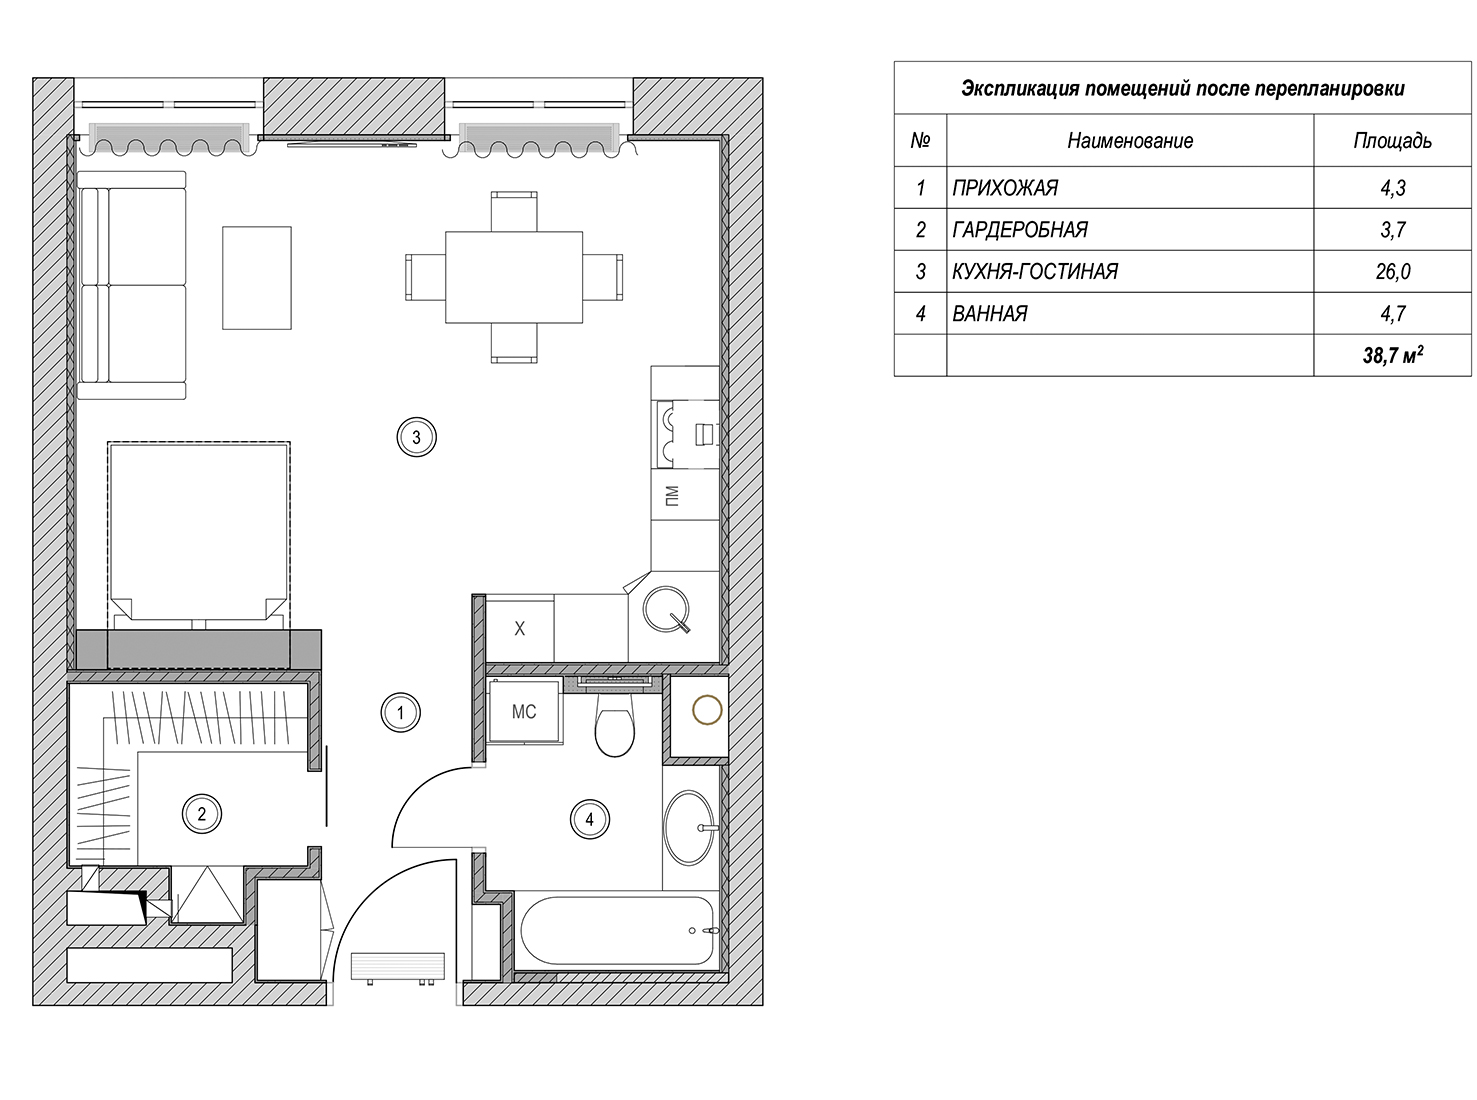 Планировка маленькой квартиры фото